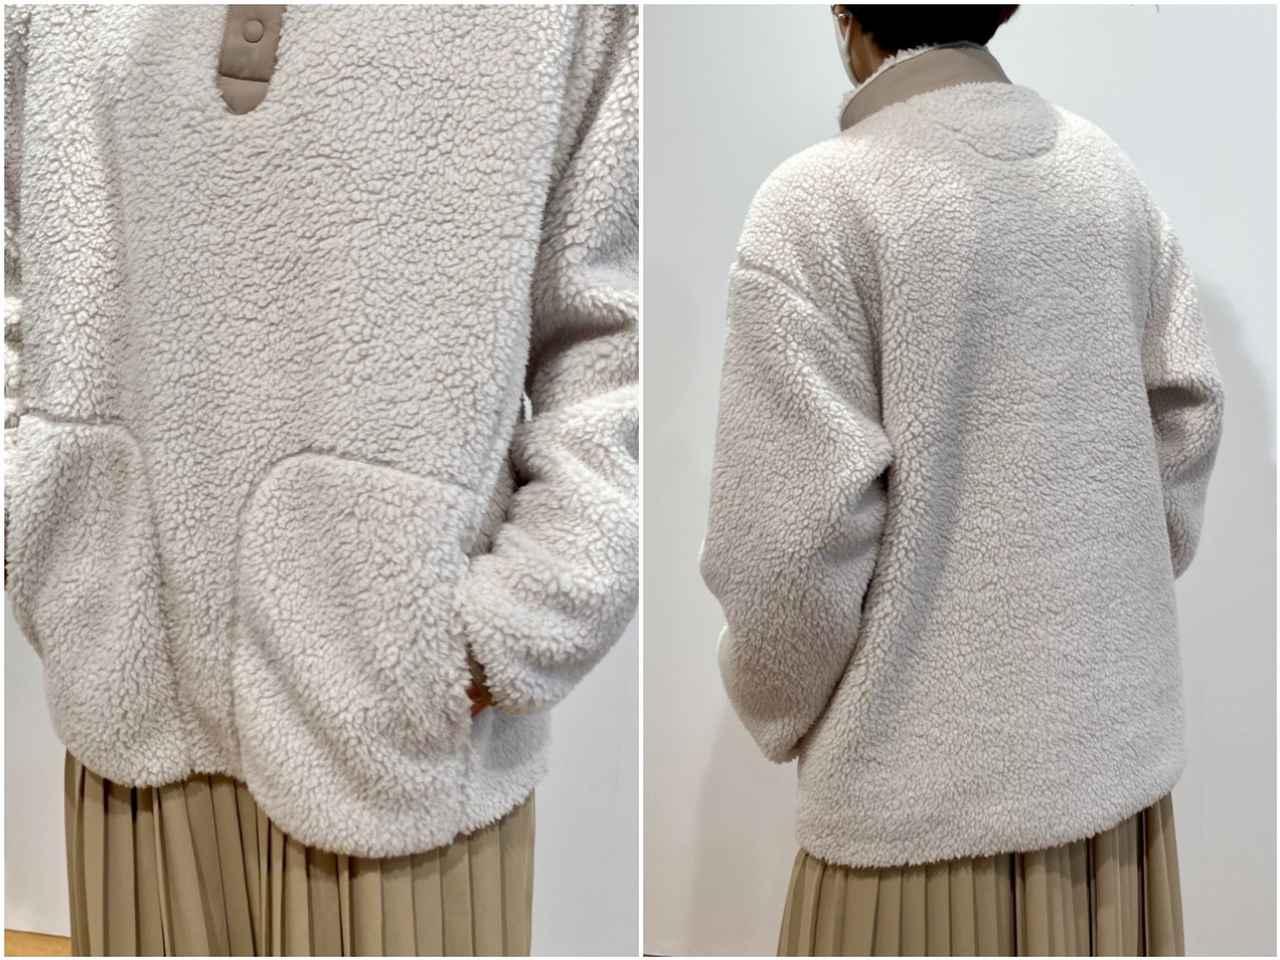 画像2: フリースオーバーサイズプルオーバー¥2,990/ユニクロ(ユニクロ アンド ホワイトマウンテニアリング) 出典:fashion trend news